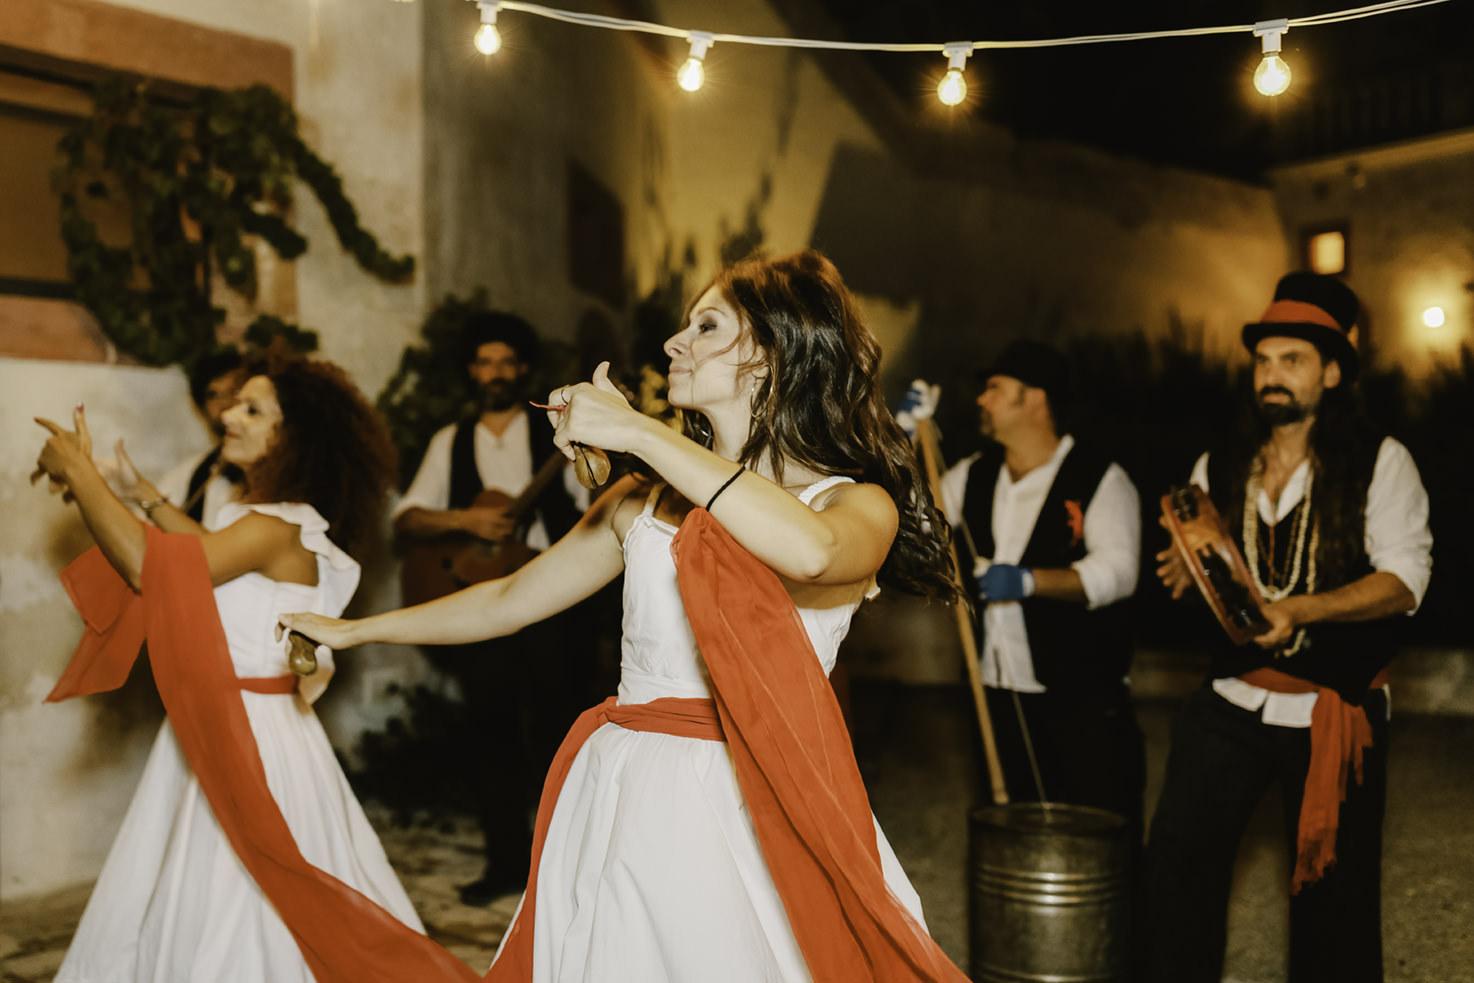 Pizzica dancers of Puglia